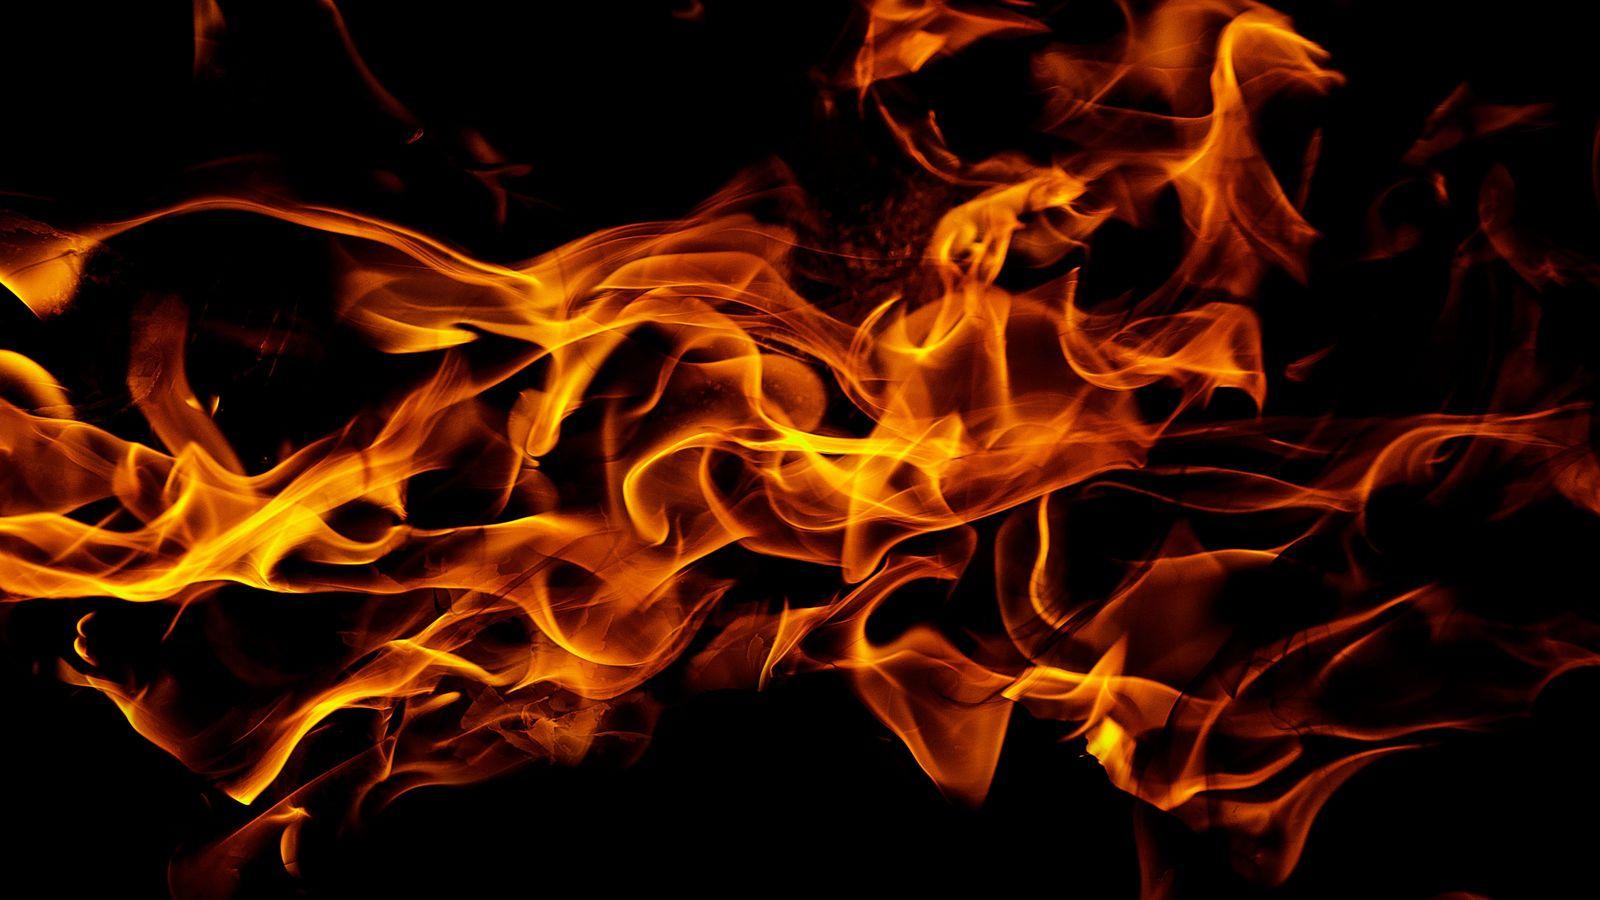 「介護地獄」で夫の布団に火をつけた60代妻の今 義母と夫のダブル介護でも感謝なし